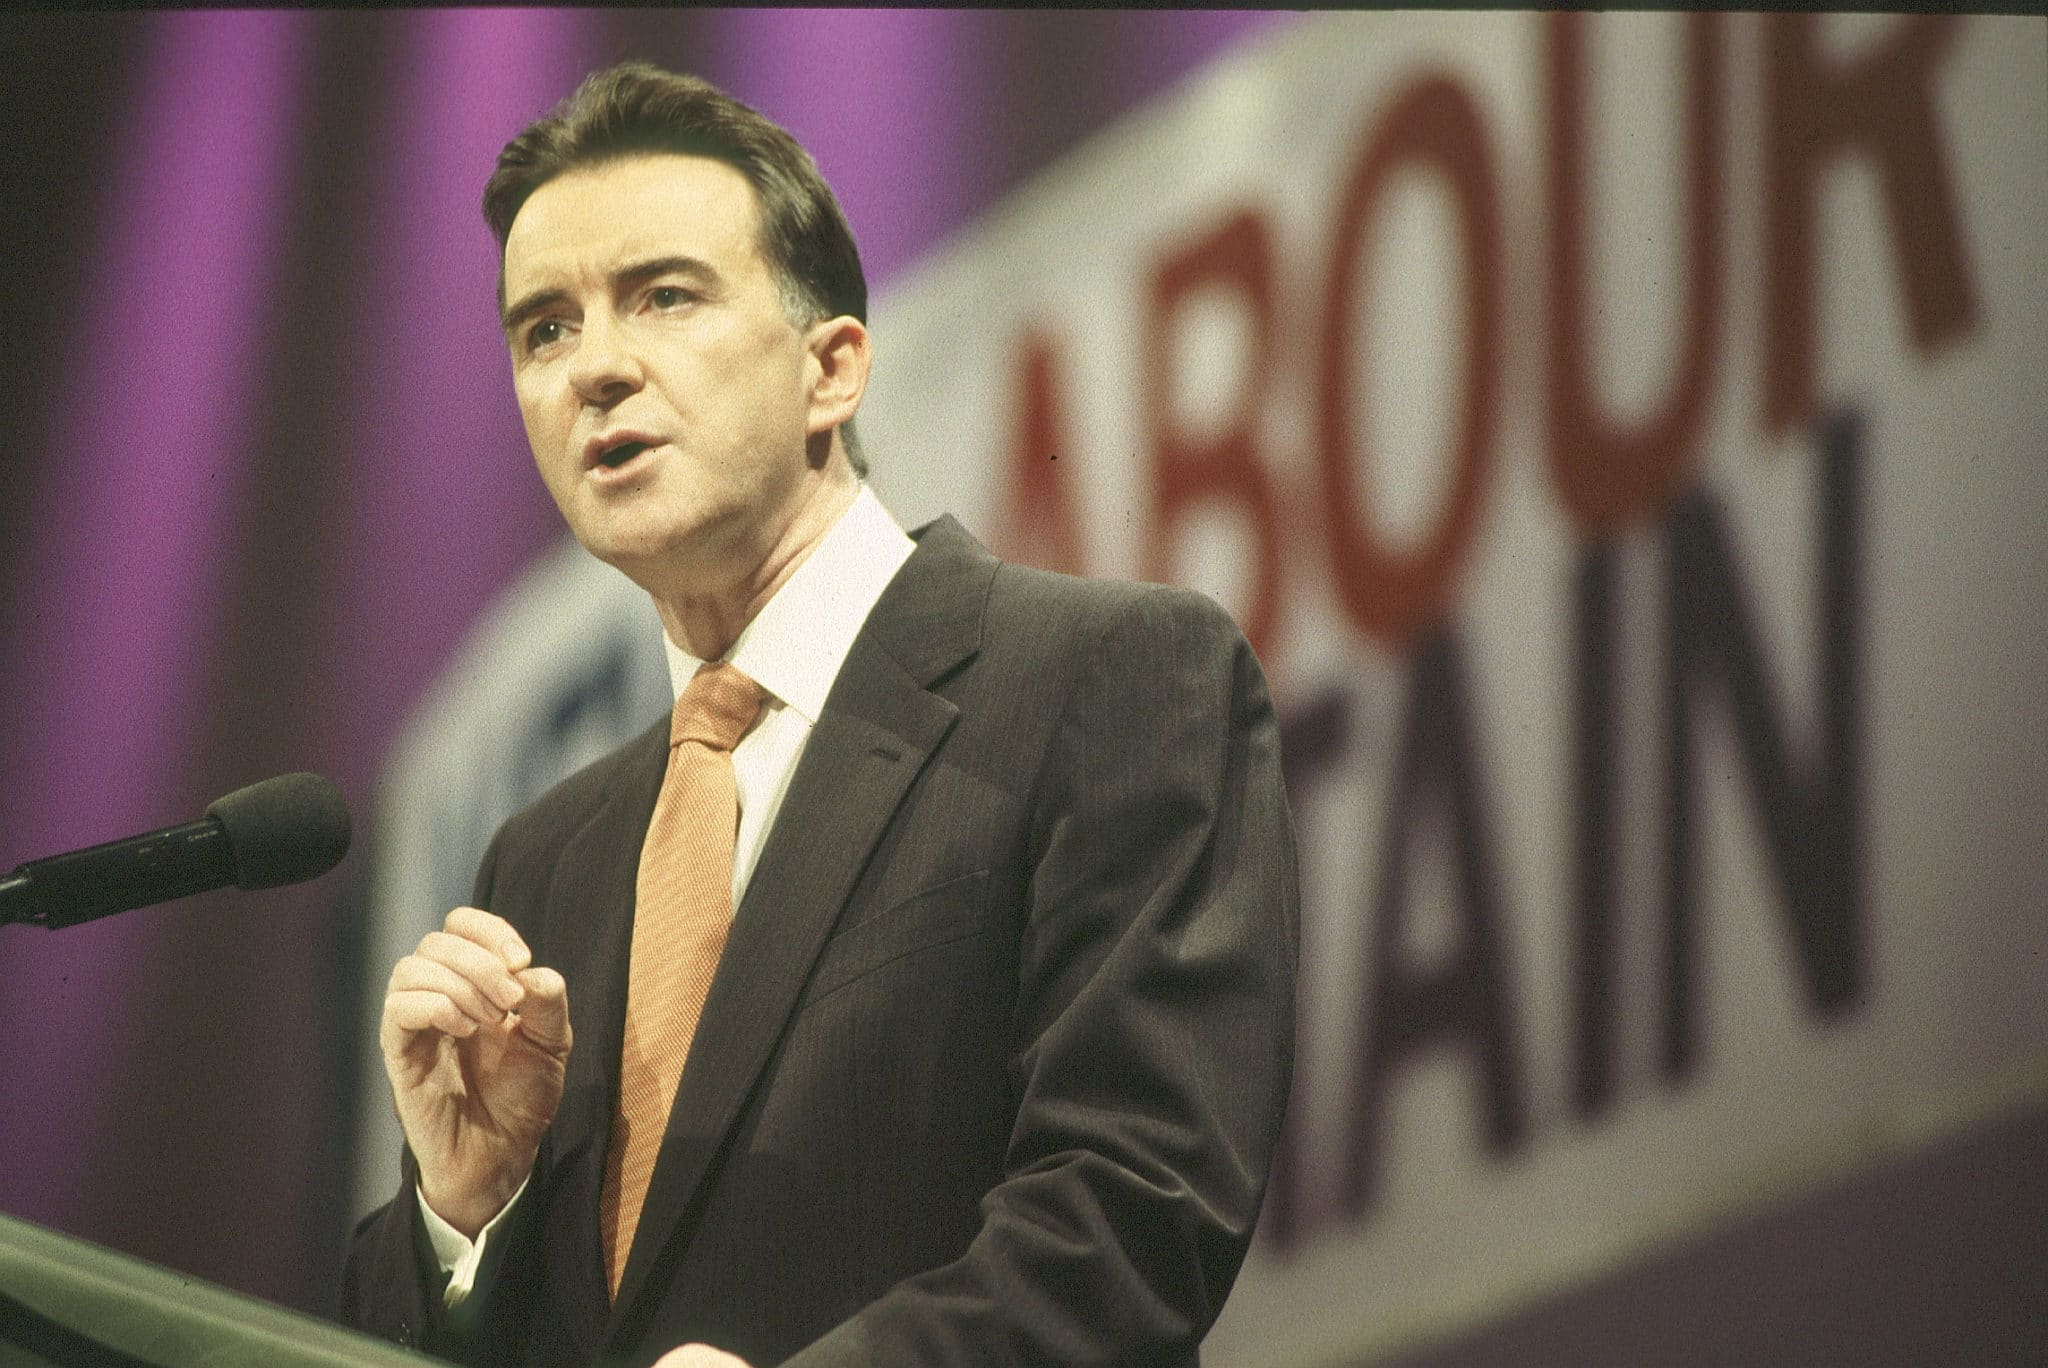 Ministre du commerce et de l'industrie Peter Mandelson lors de la conférence du parti travailliste de 1998.